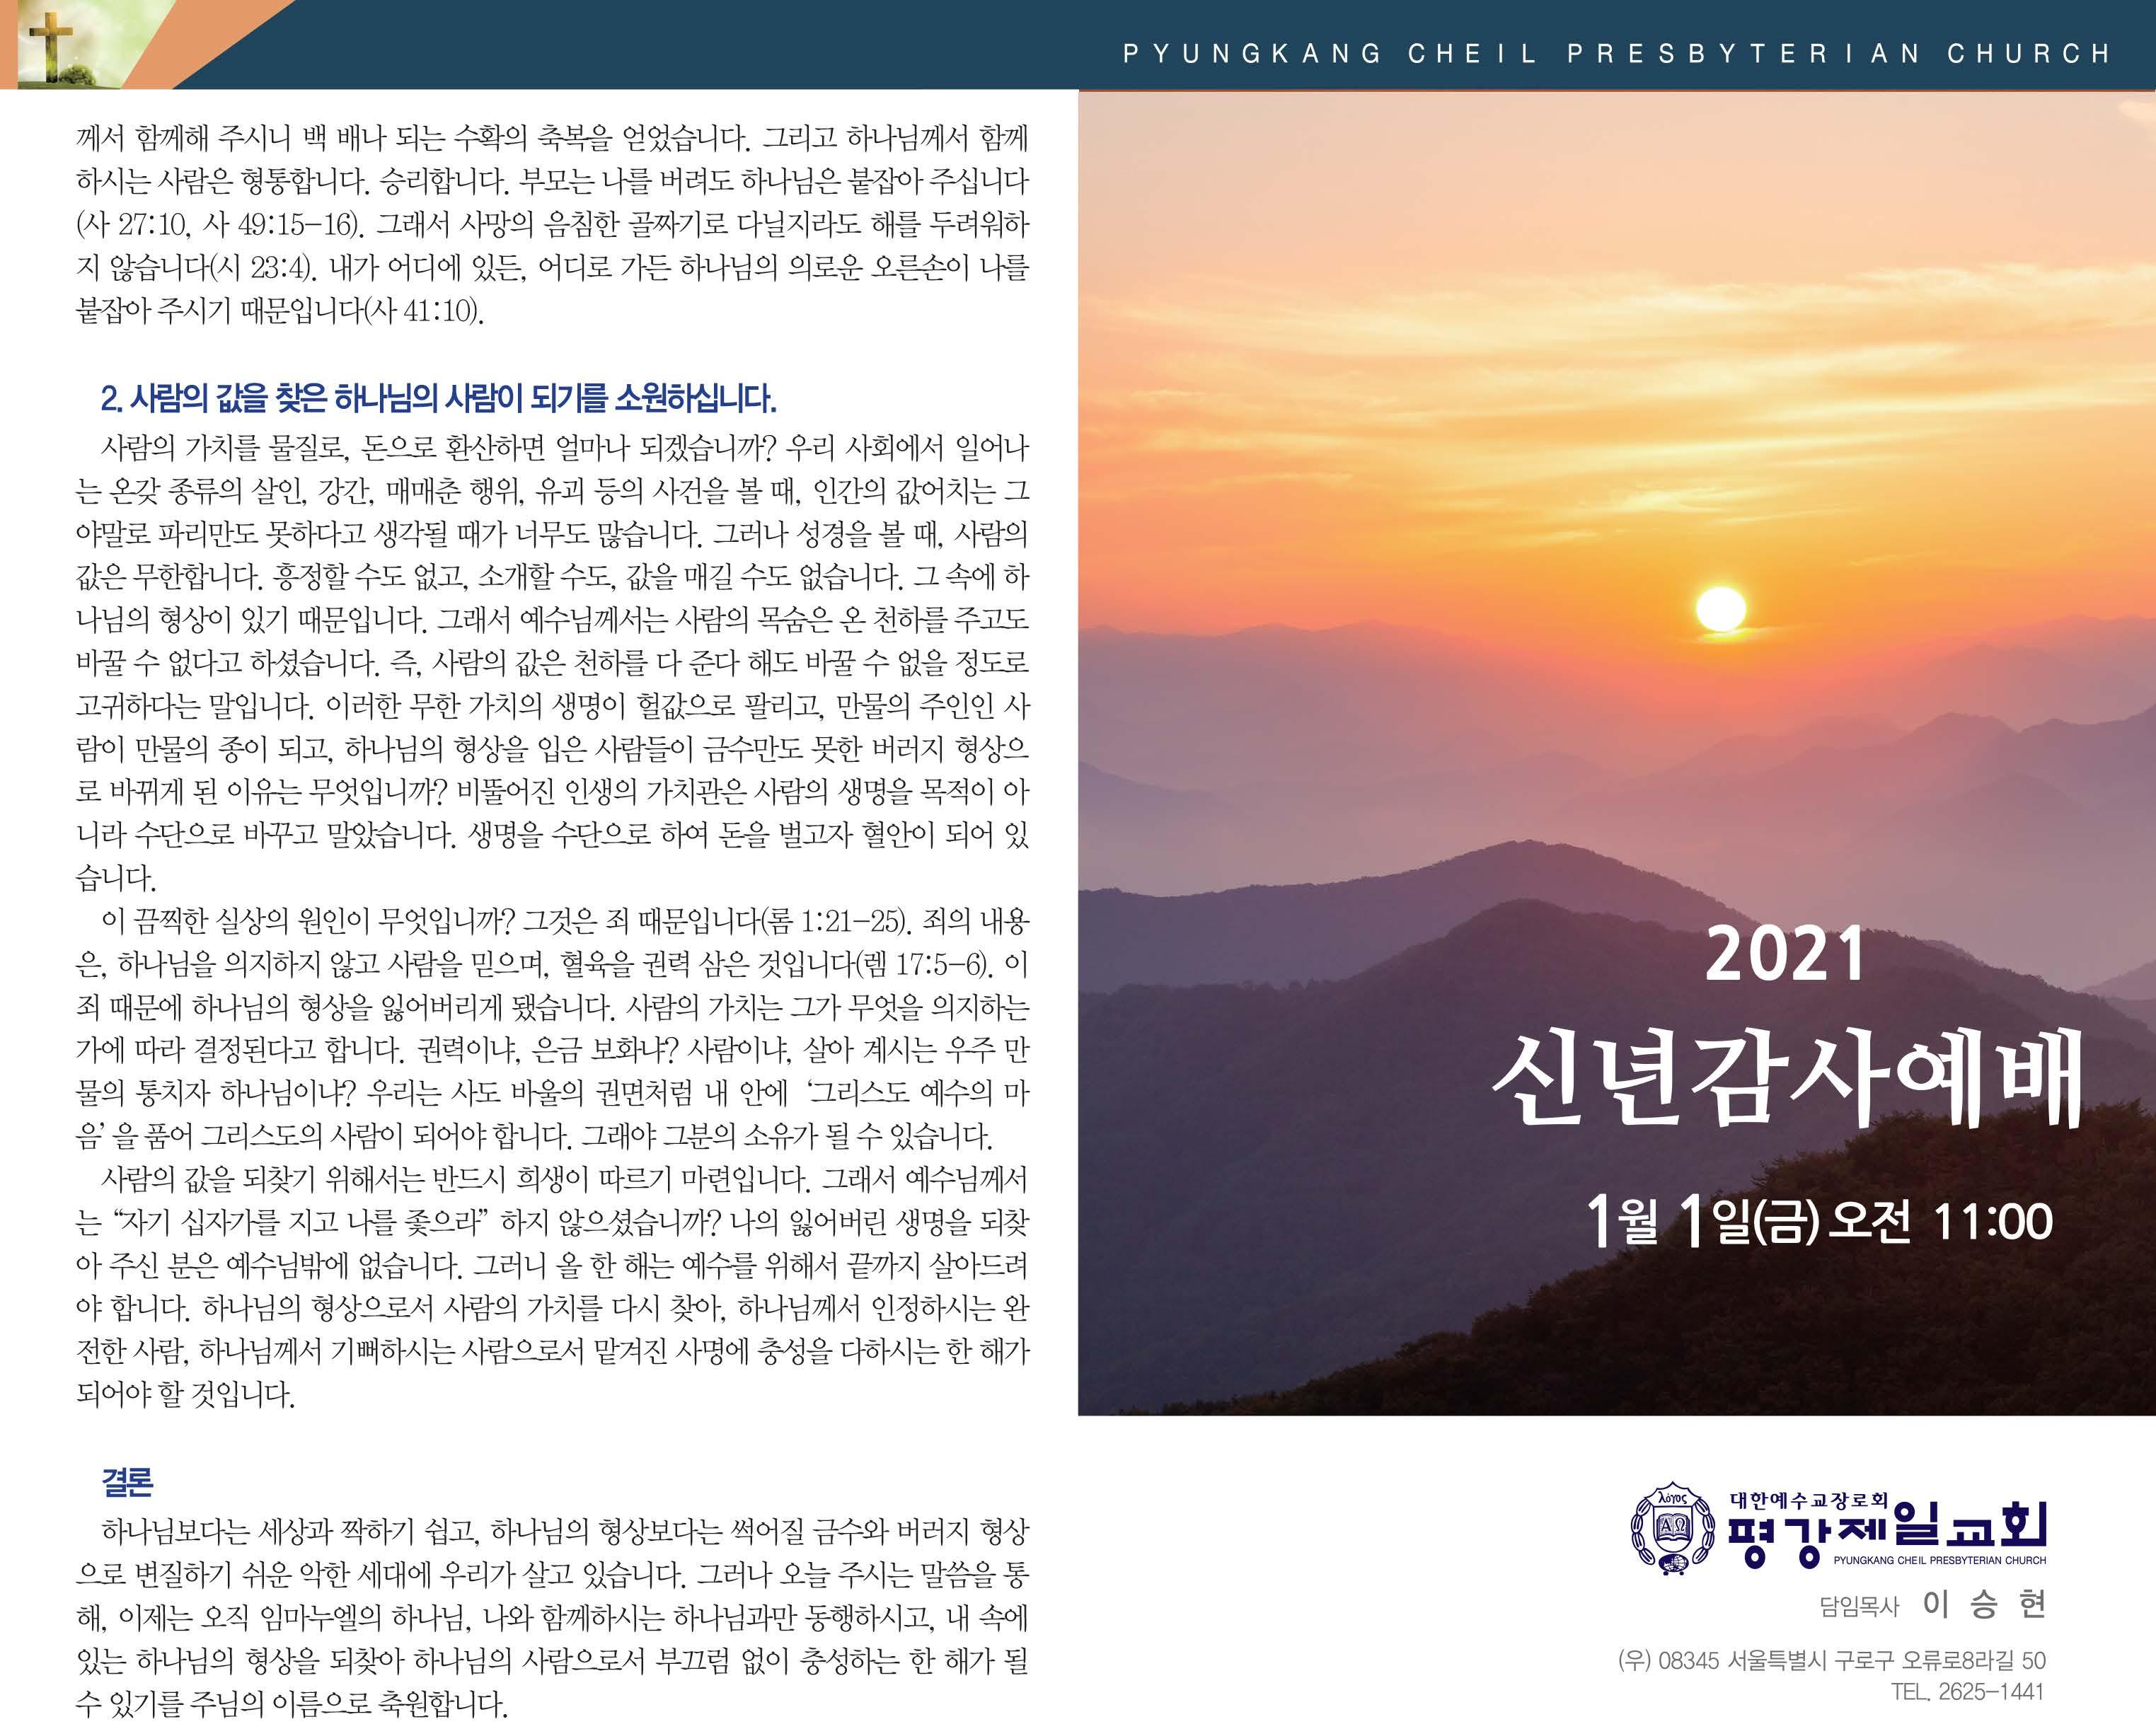 신년순서지-1.jpg